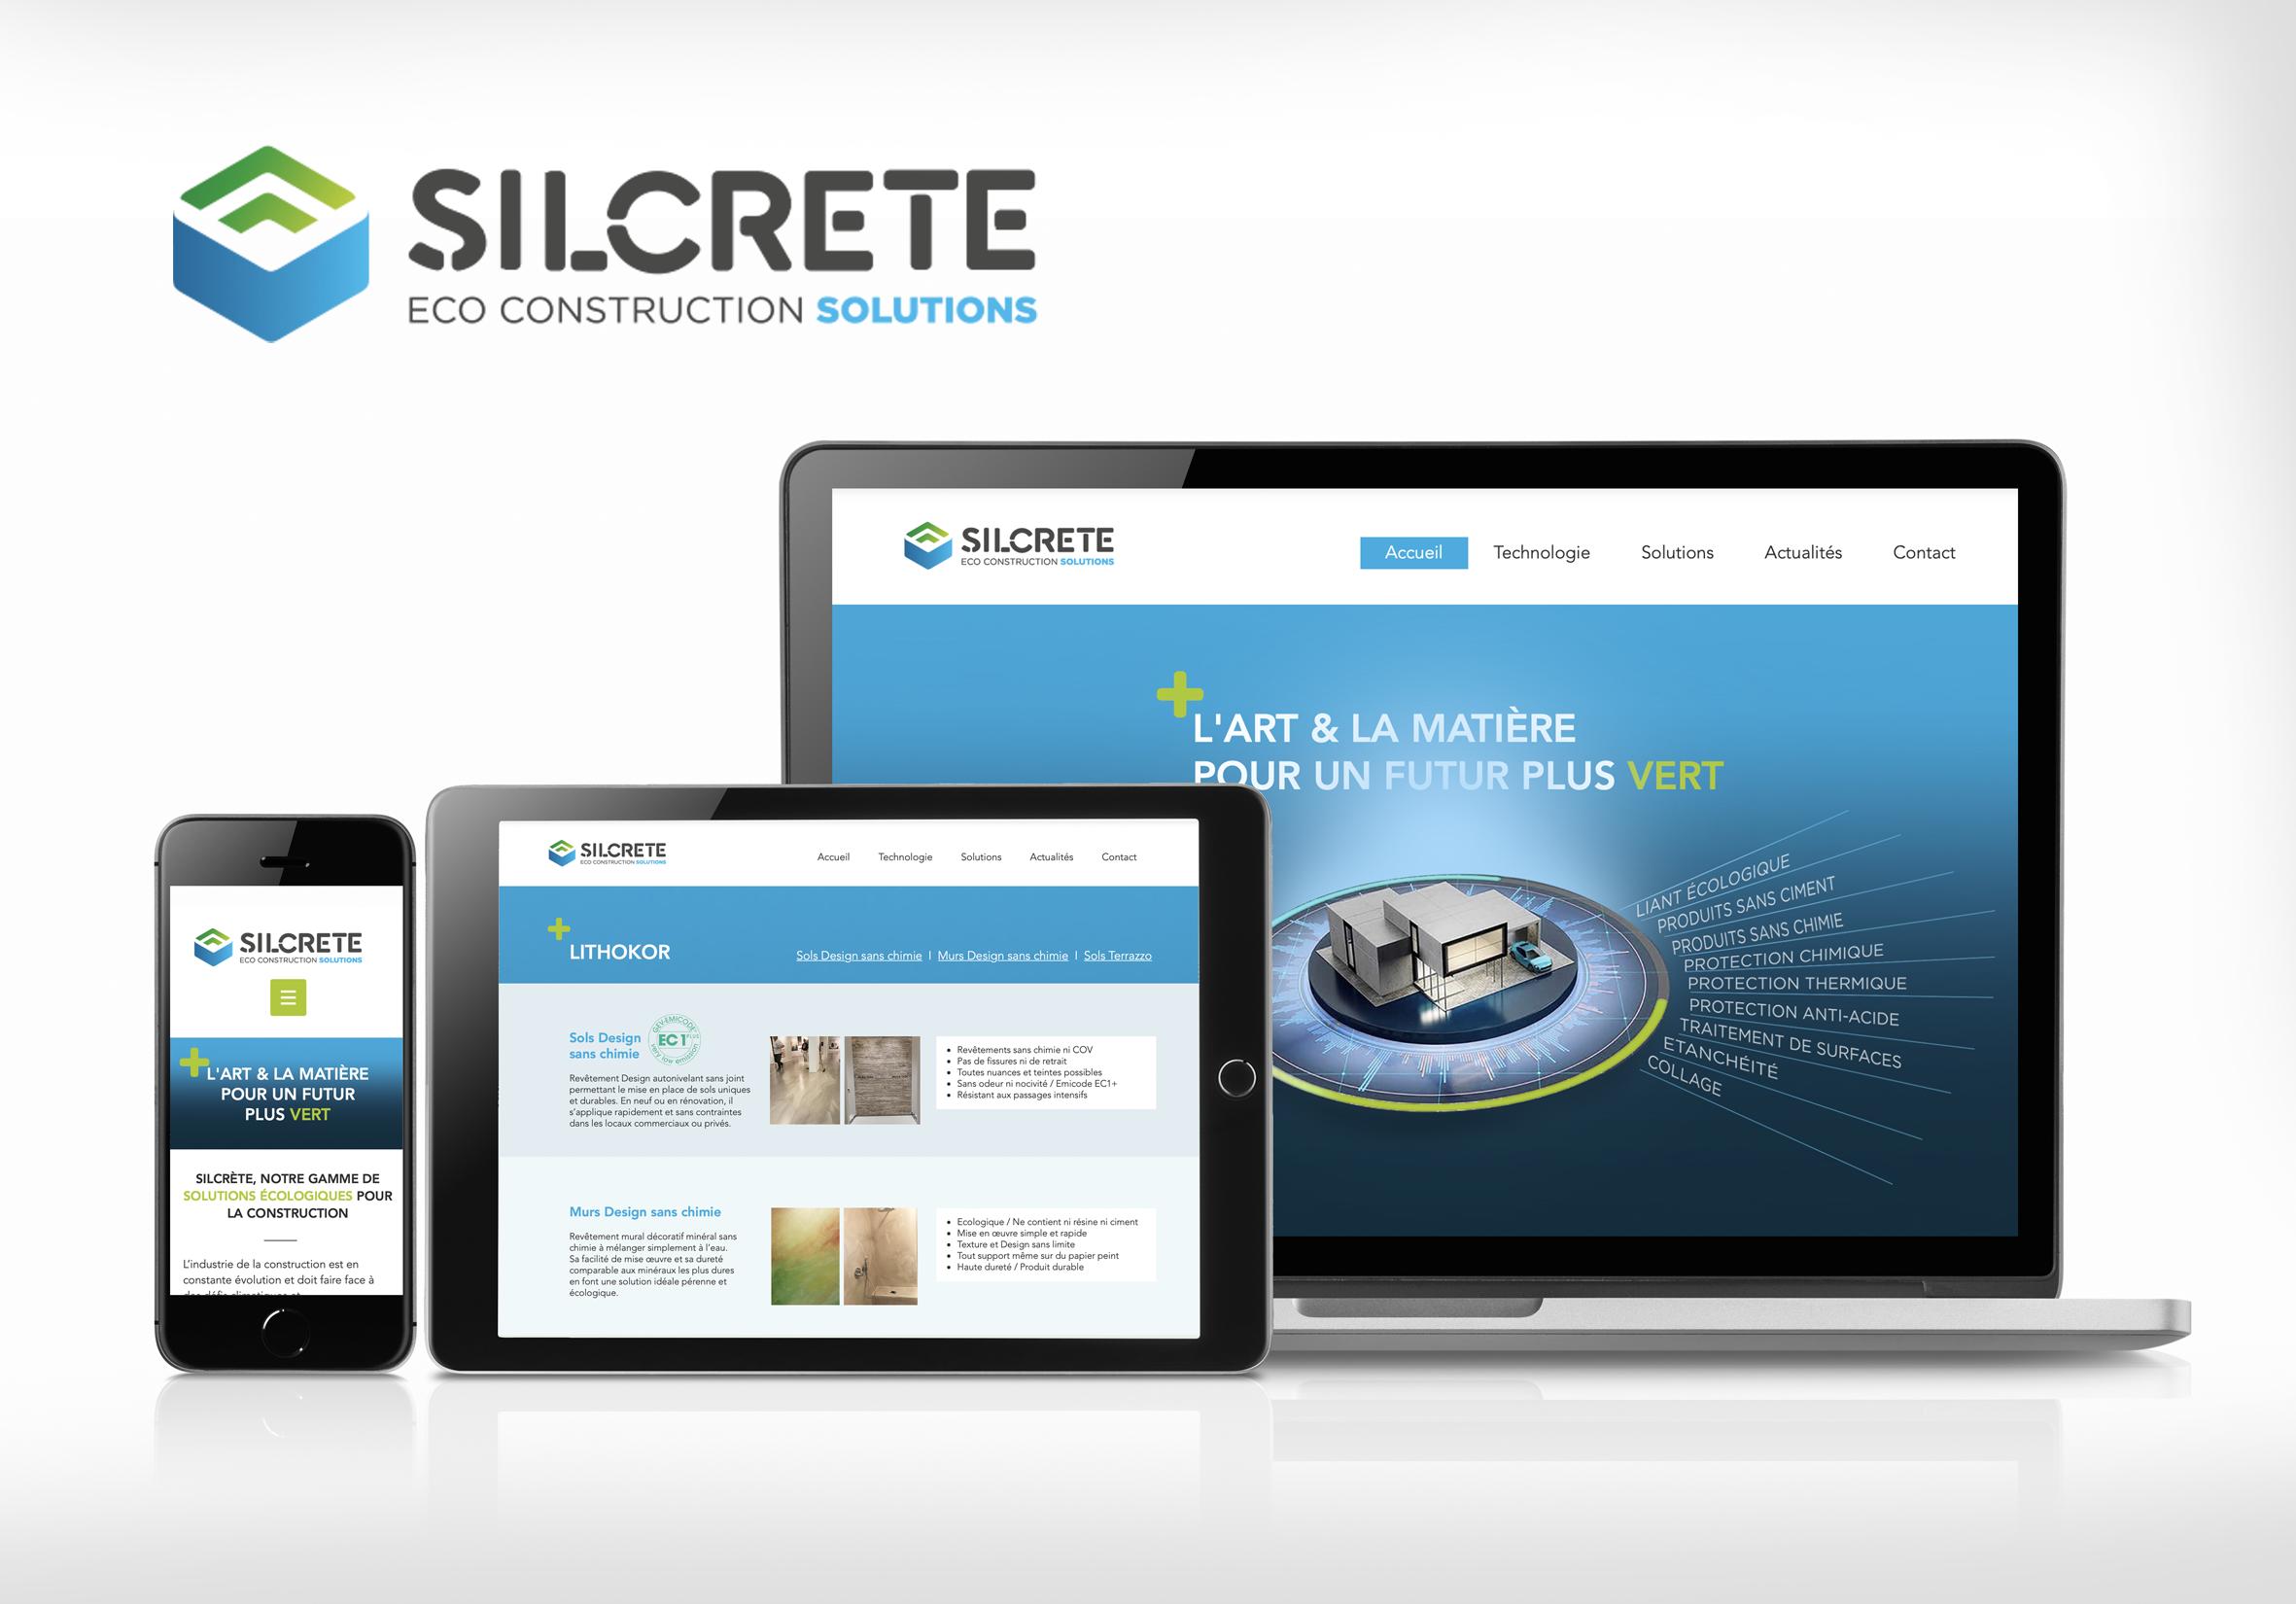 silcrete